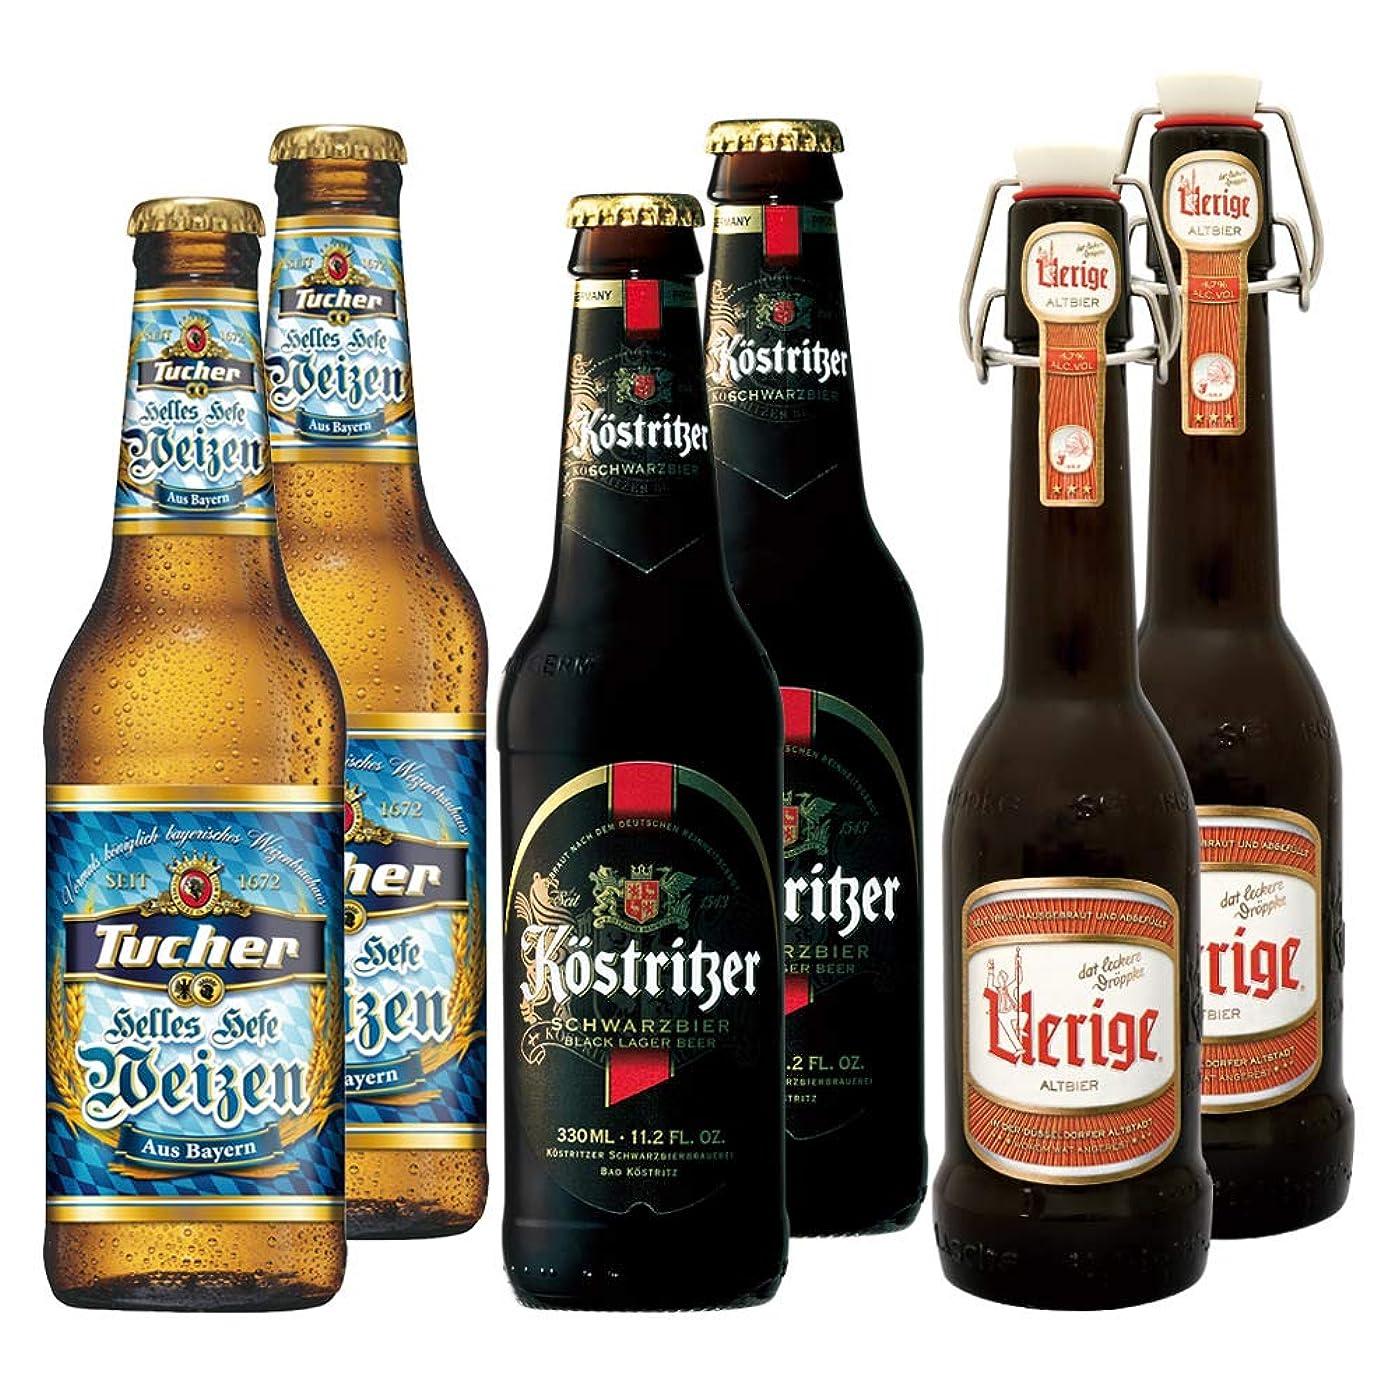 キロメートル耐える教室ドイツお土産 ドイツビール3種飲み比べセット6本入 トゥーハー ヘレス?ヘーフェ ヴァイツェン&ケストリッツアー?シュヴァルツビア&ユーリゲ?アルト